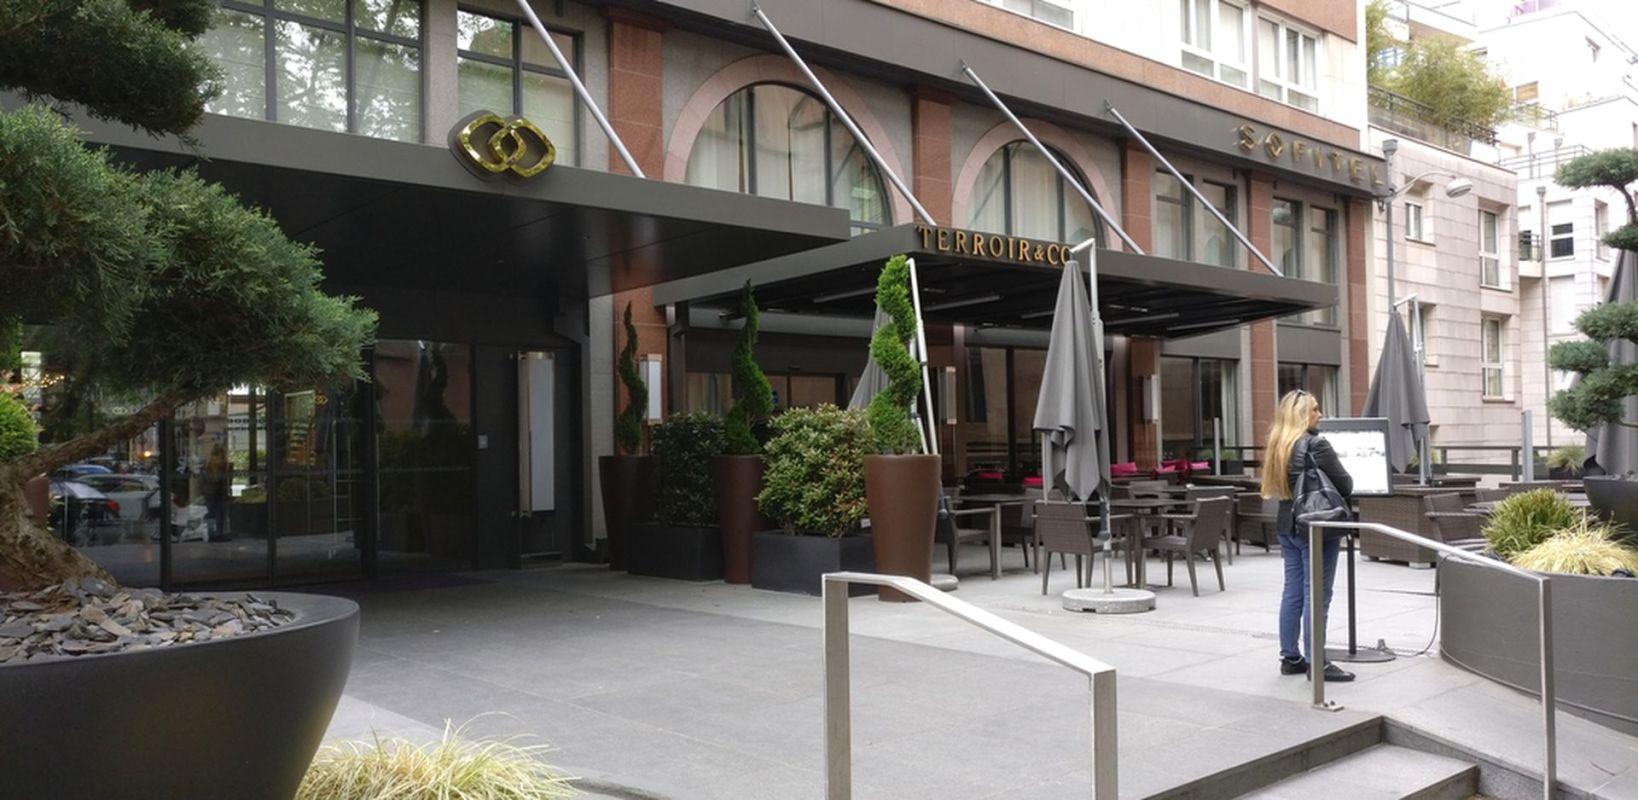 Sofitel Strasbourg Entrance